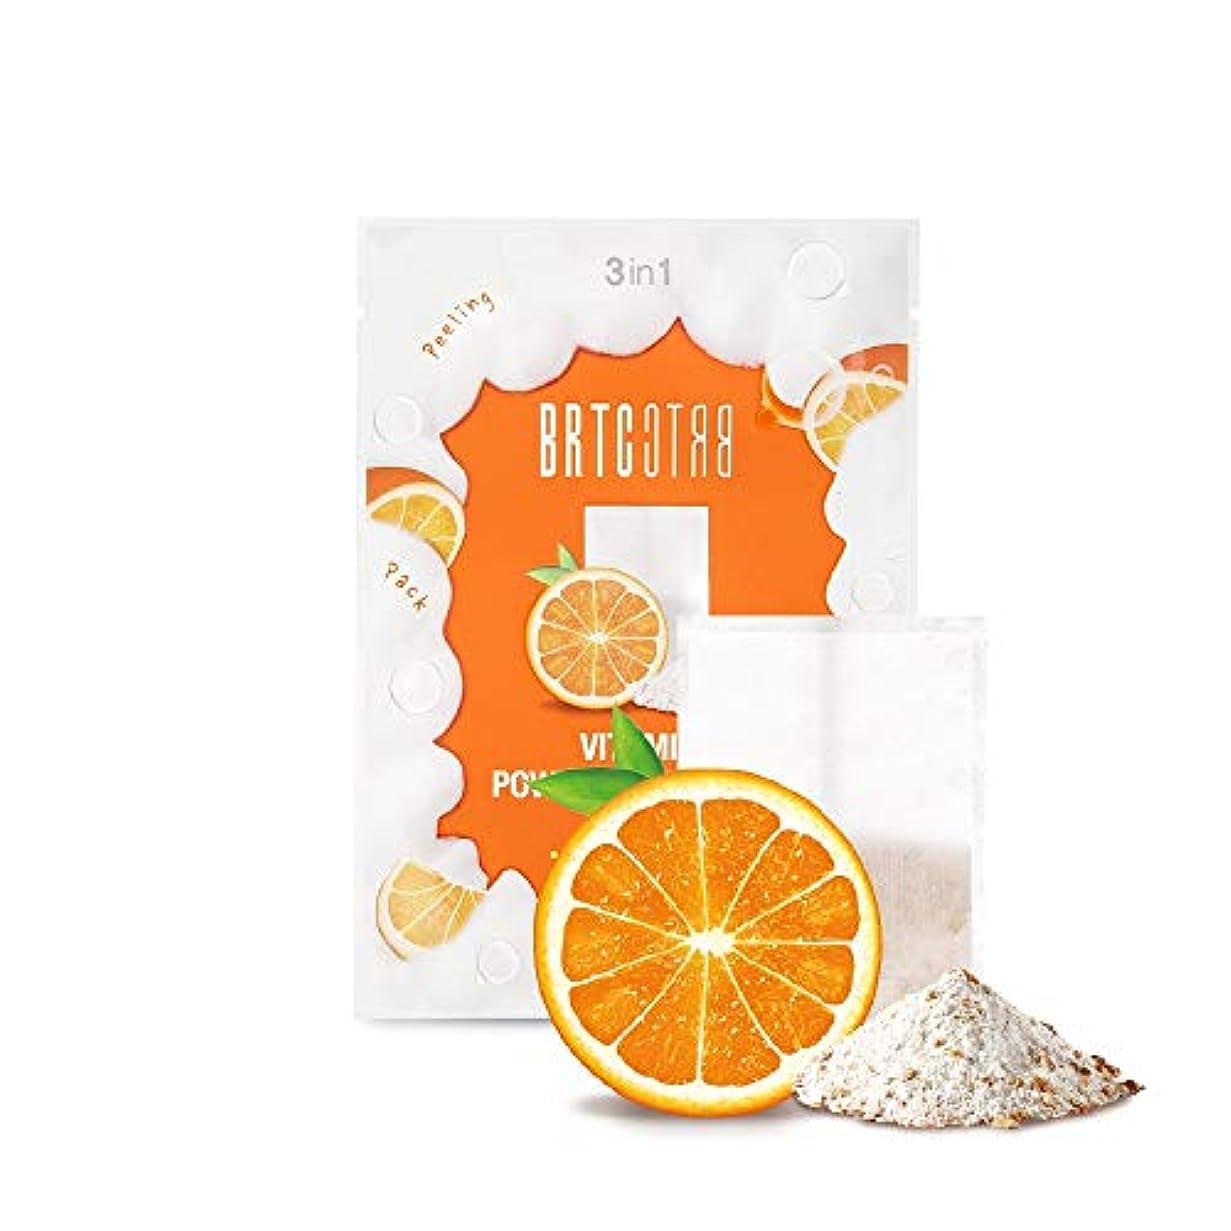 横向きピルファーハリウッドBRTC V10ビタミンパウダークレンジングティーバッグ V10 Vitamin Powder Cleansing Tea Bag [MANDARIN&ORANGE] 1.5g * 15ea [並行輸入品]